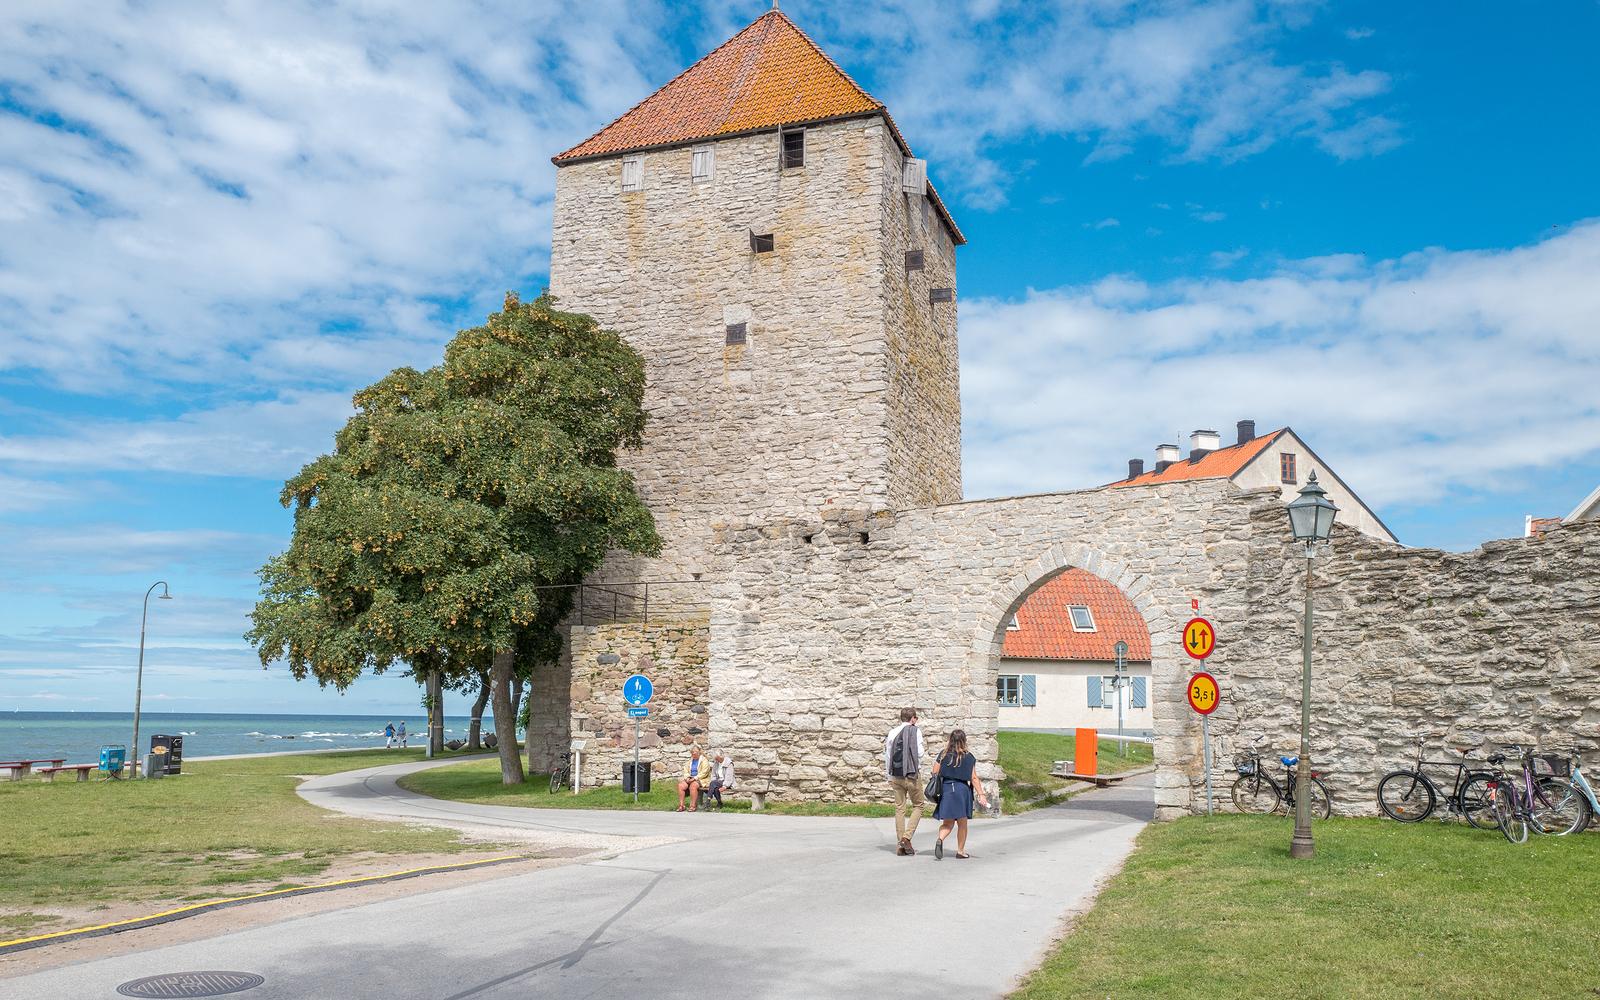 Hyr bil i Visby